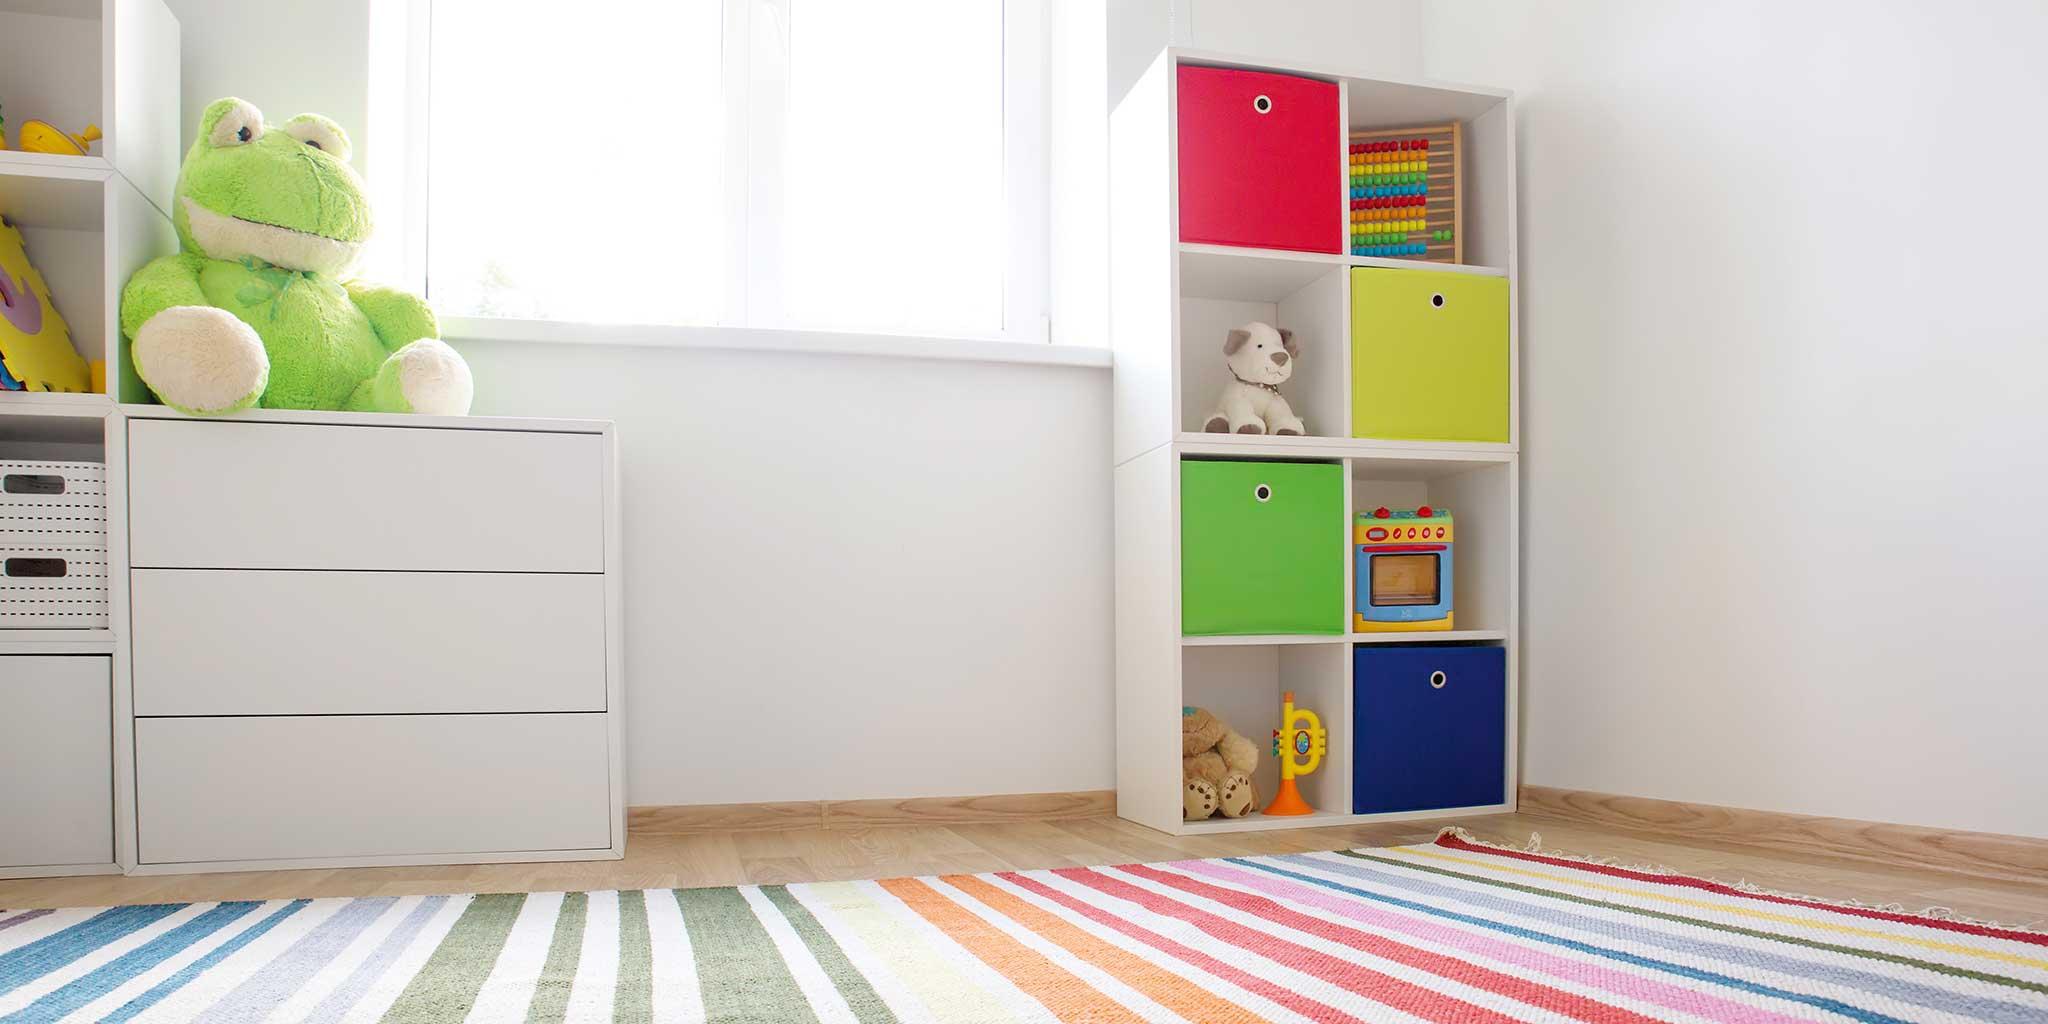 FokusMijnGezin - Kamer met kindermeubels en een kleurrijke mat